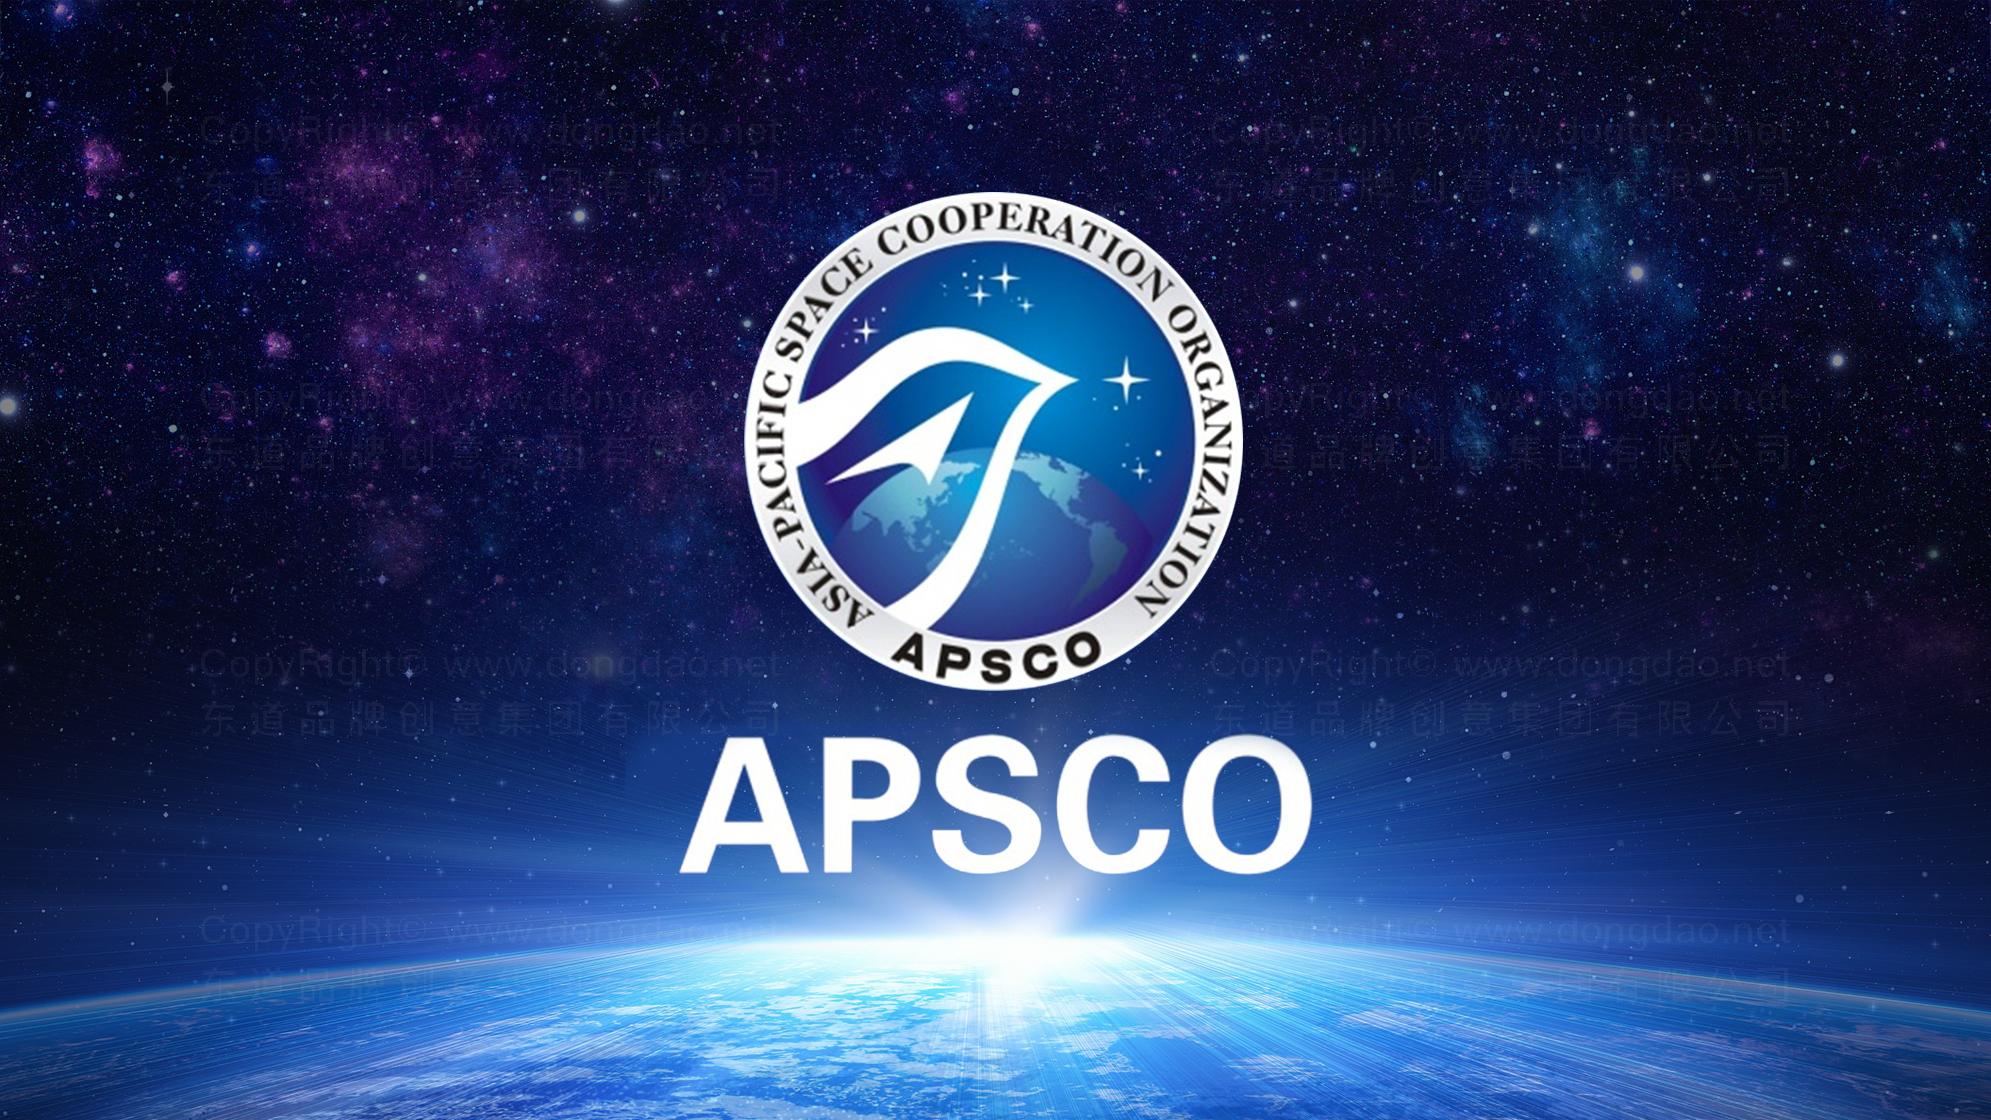 品牌设计案例亚太空间合作组织LOGO&VI设计